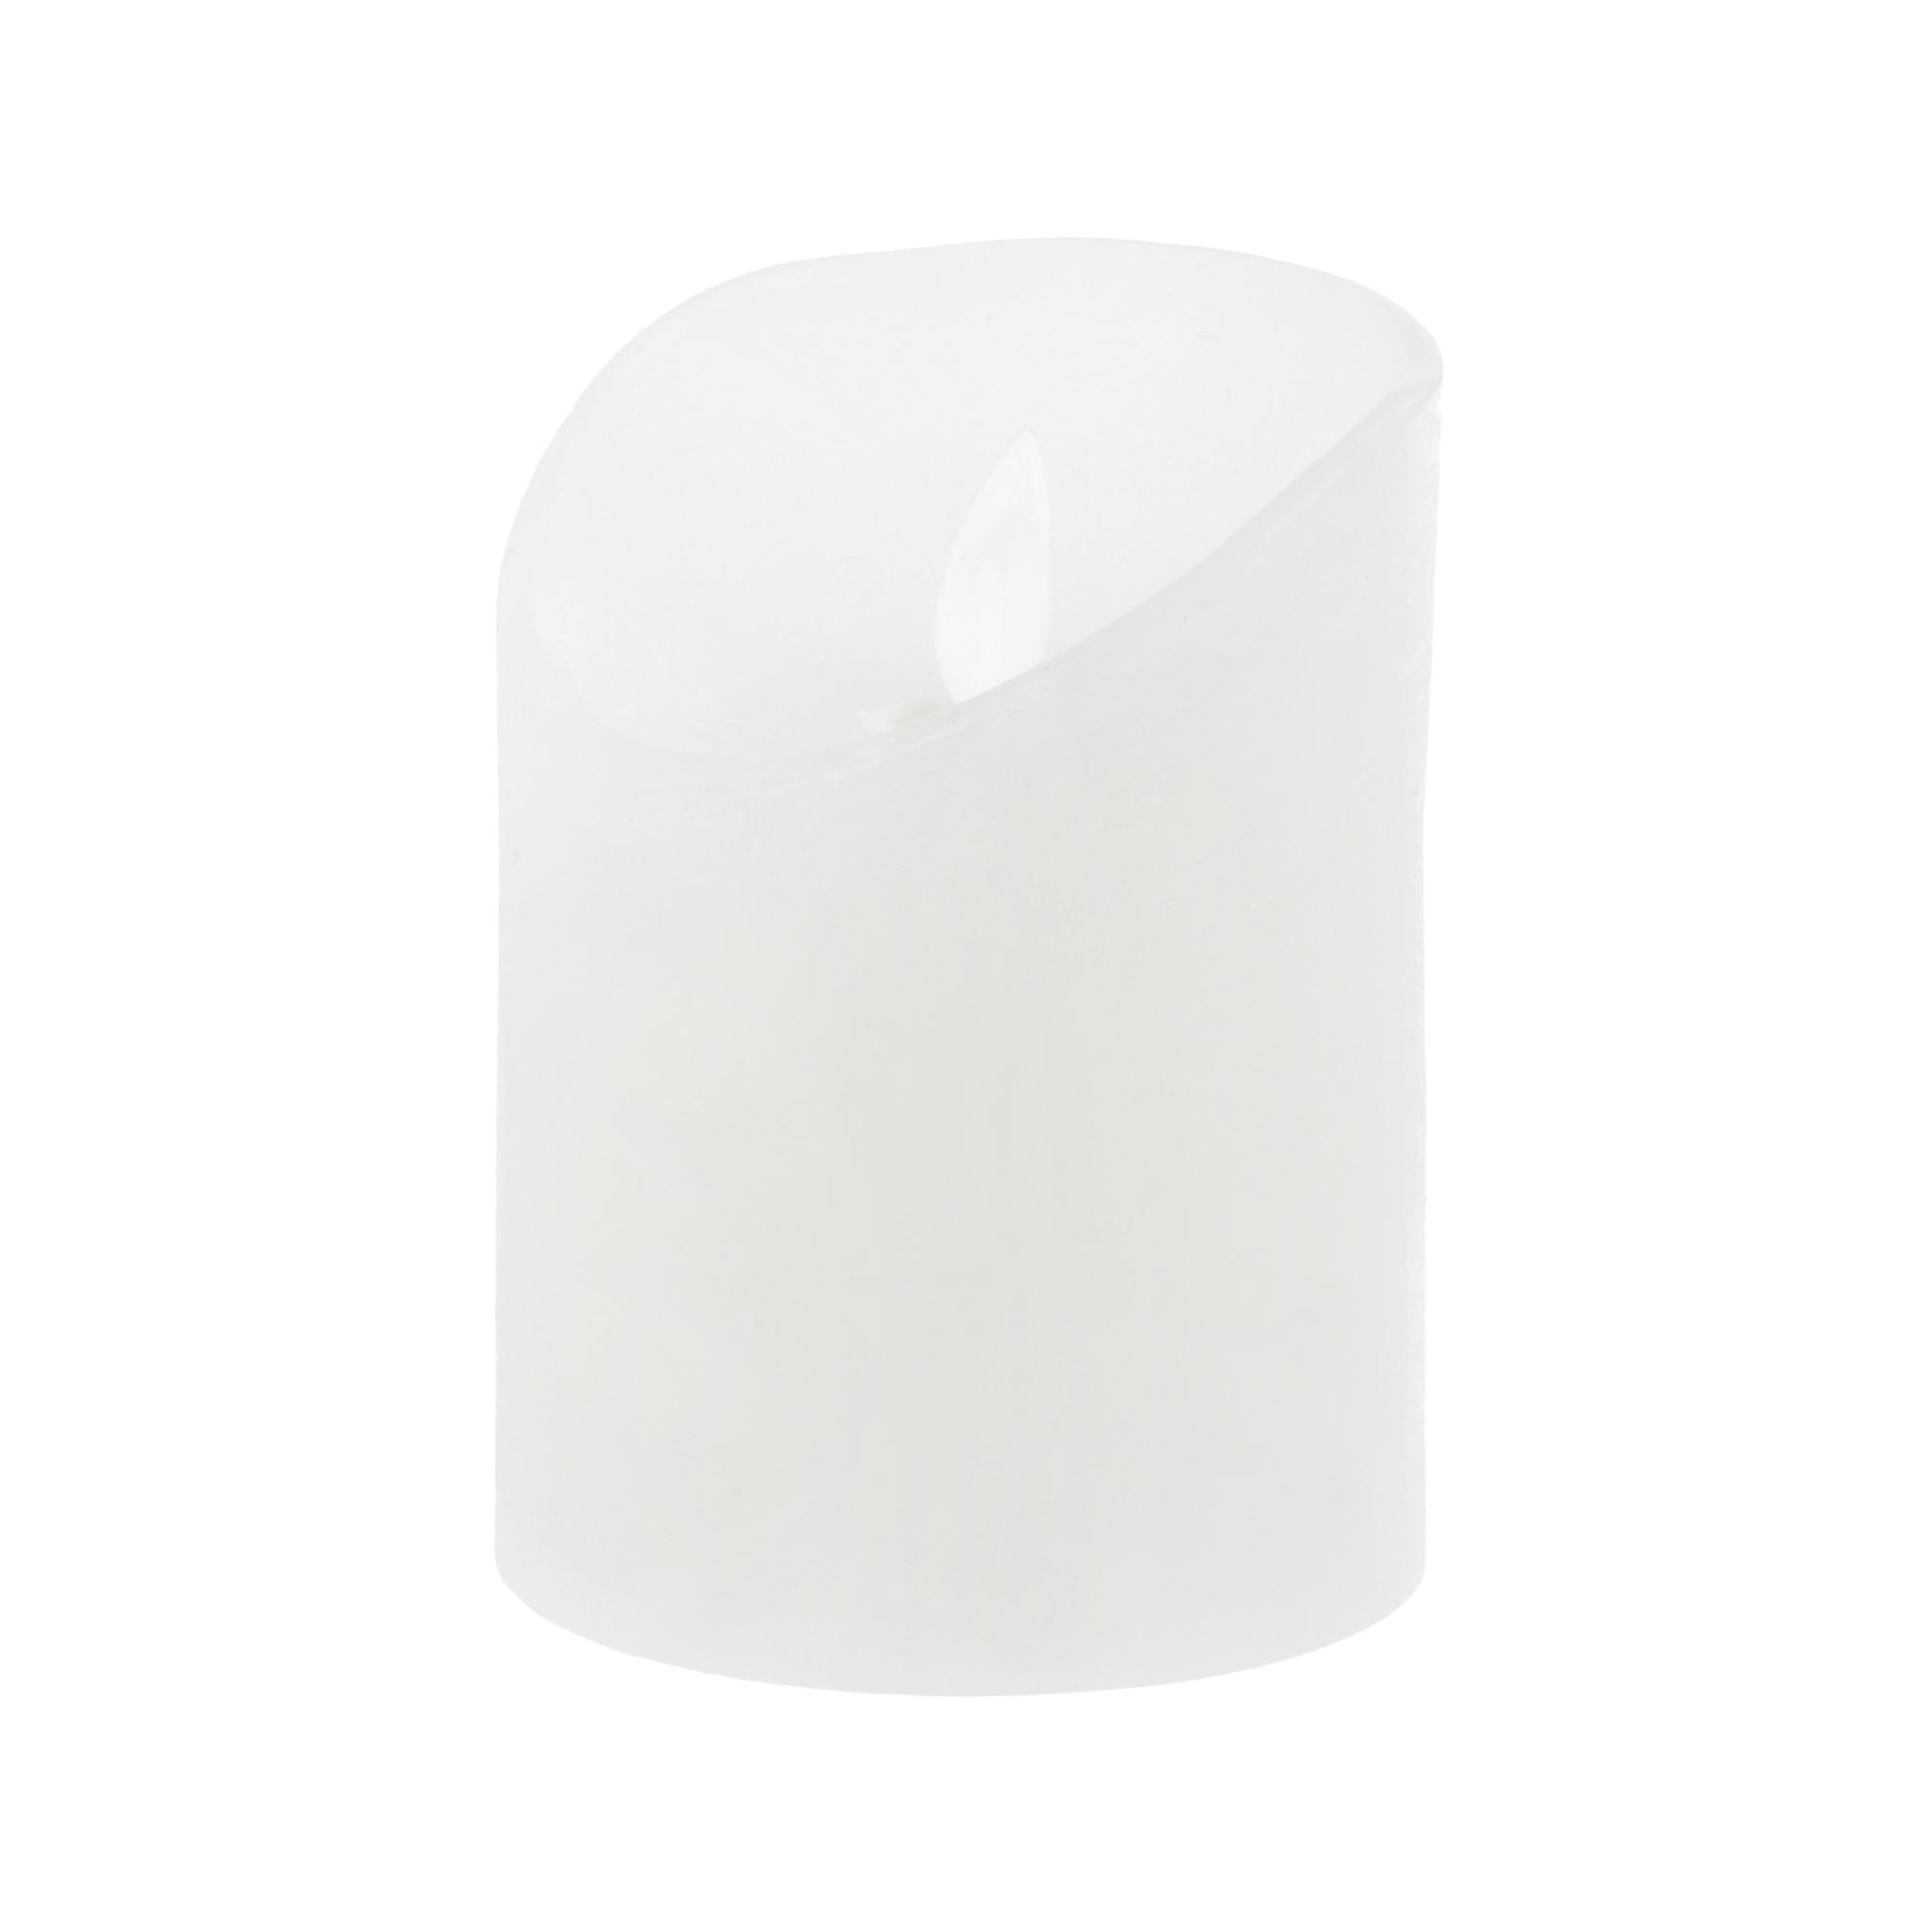 Свеча Boltze led bino с таймером white 10 см